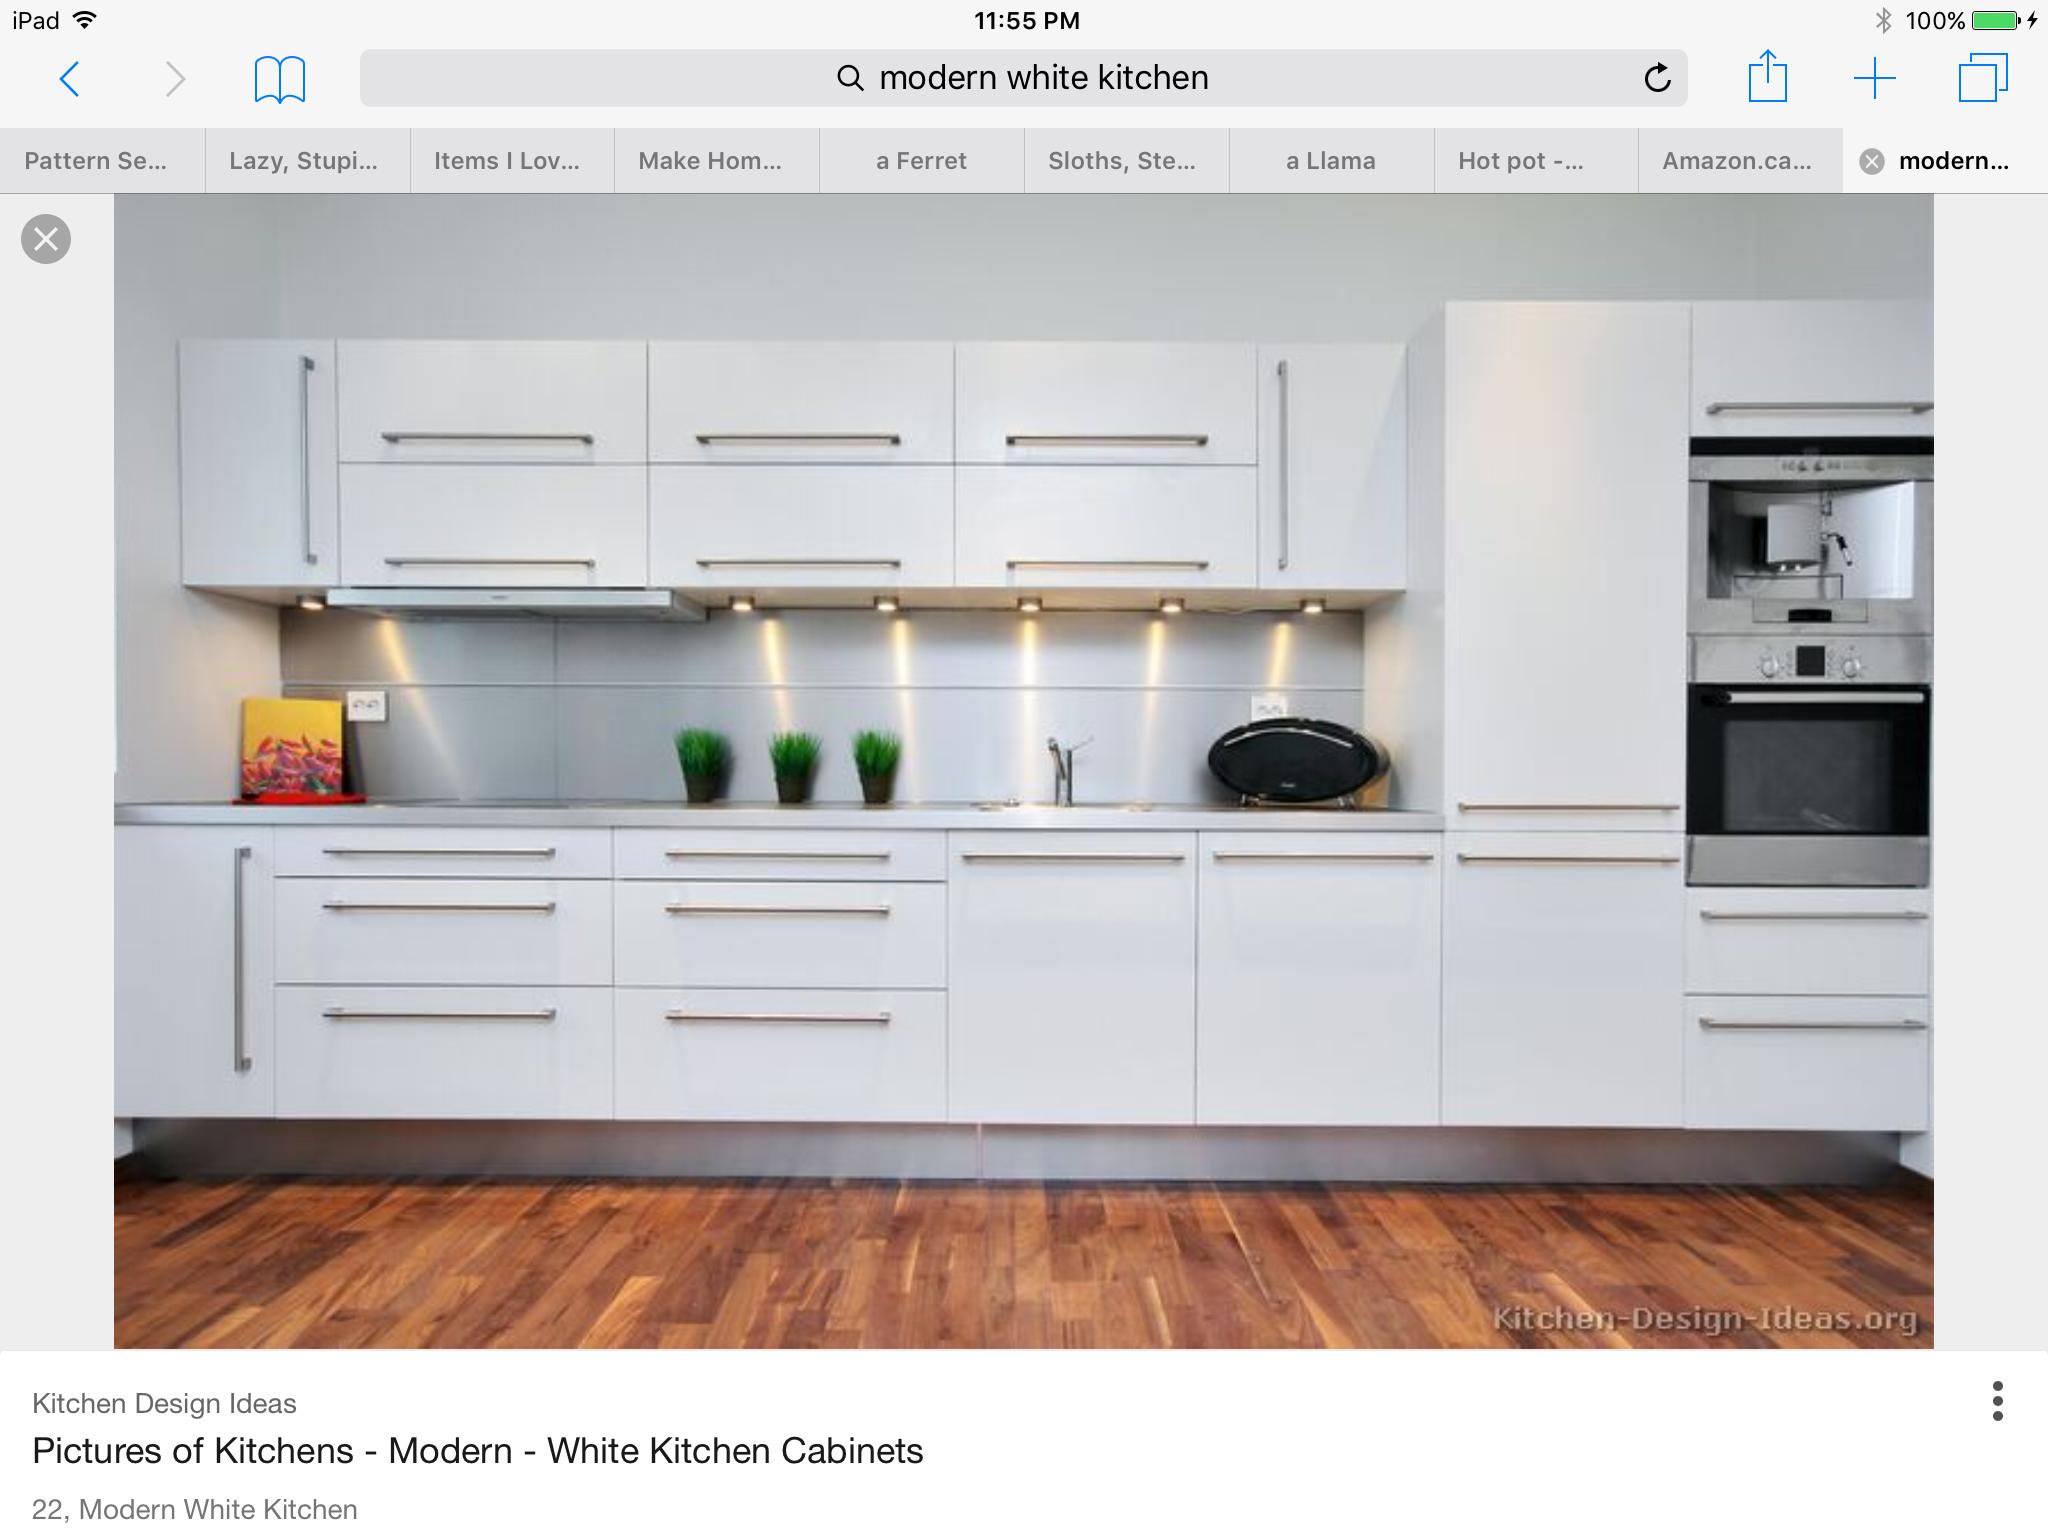 Küchen Modern, Moderne Küchenschränke, Moderne Weiße Küchen, Ideen Für Die  Küche, Moderne Küchengestaltung, Moderne Schränke, Küchenweiß, Moderne  Küchen, ...